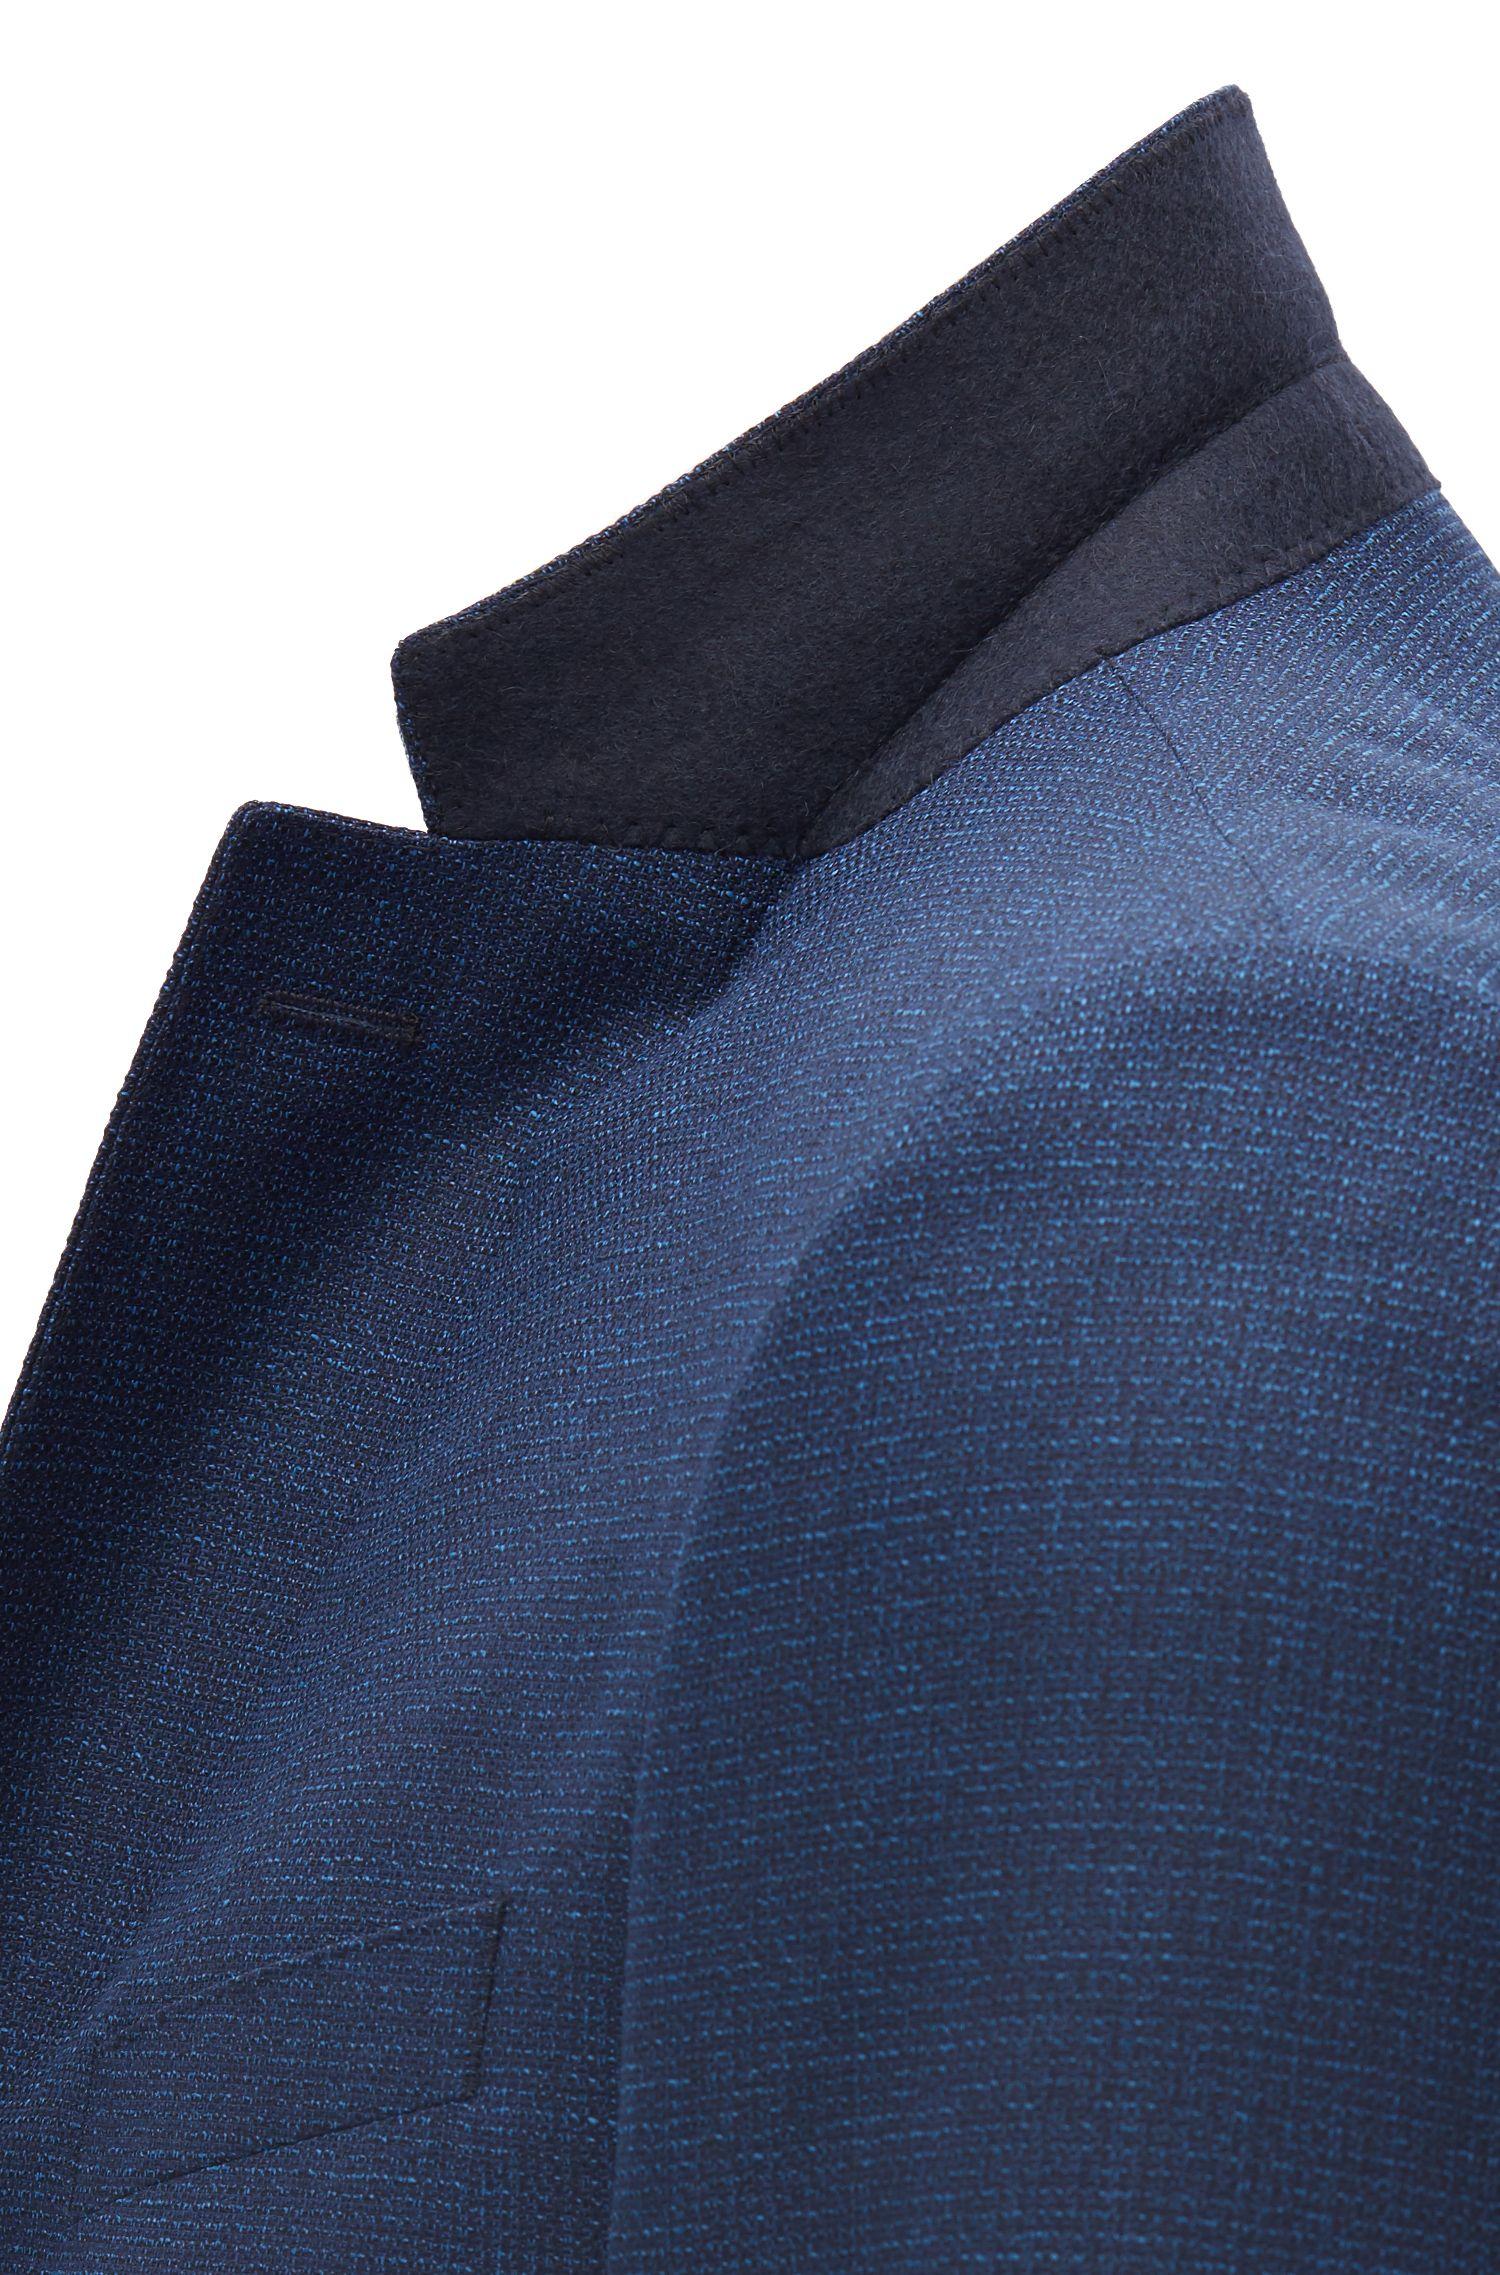 Traje slim fit en lana virgen con microestampado